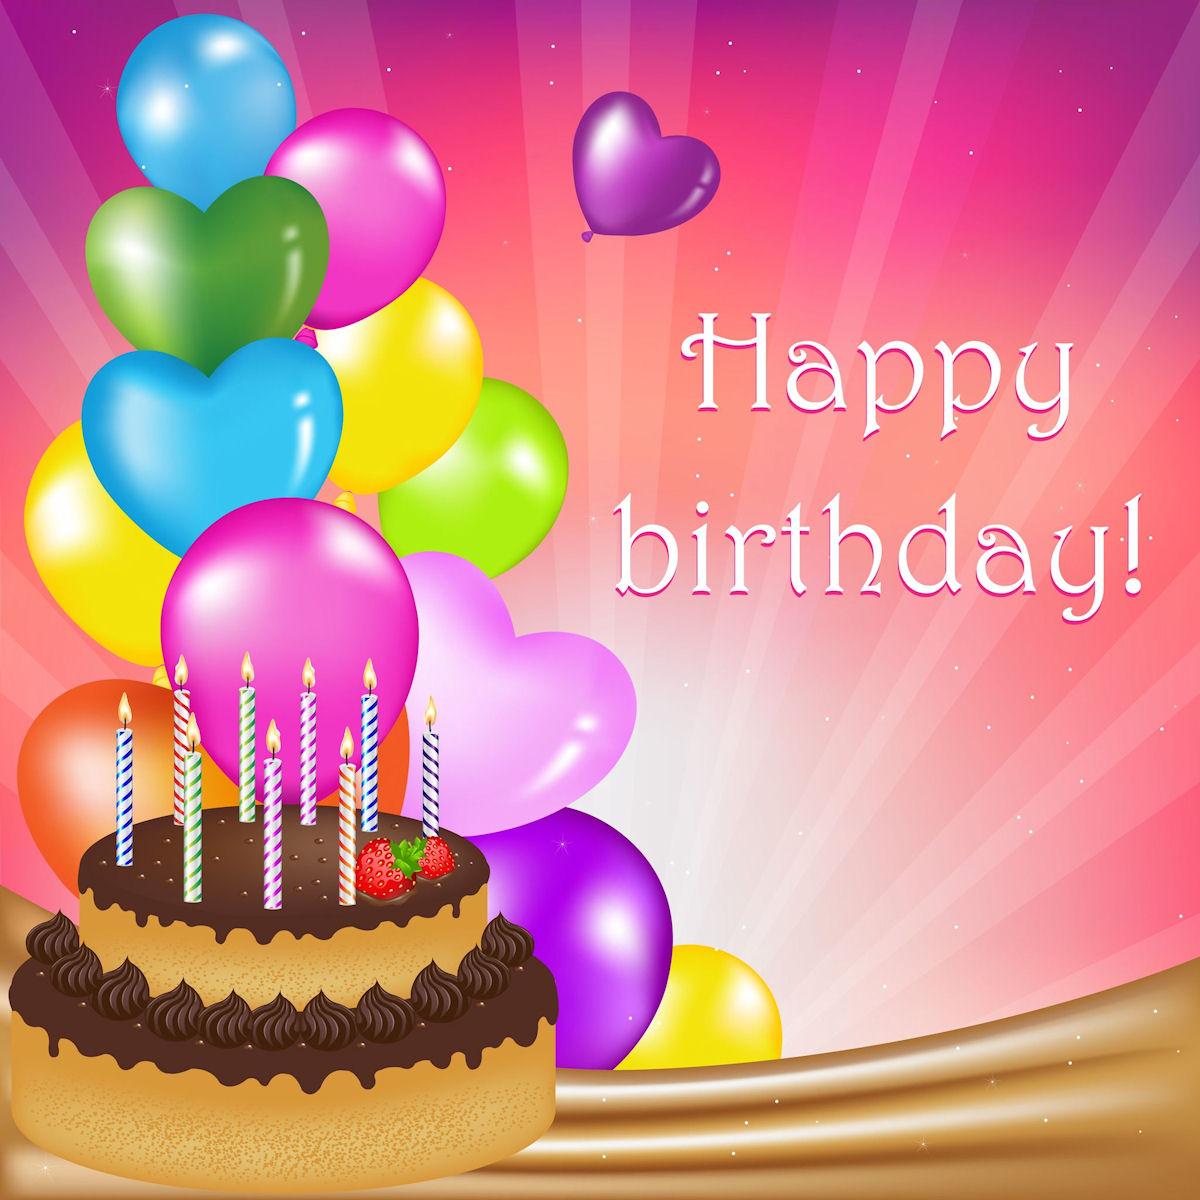 http://3.bp.blogspot.com/-4lwrW-4gF3w/UO9u76-SvgI/AAAAAAAACNA/-ye6tvvAySY/s1600/tarjeta-de-cumplea%C3%B1os-happy-birthday-postal-felicitaciones-g.jpg